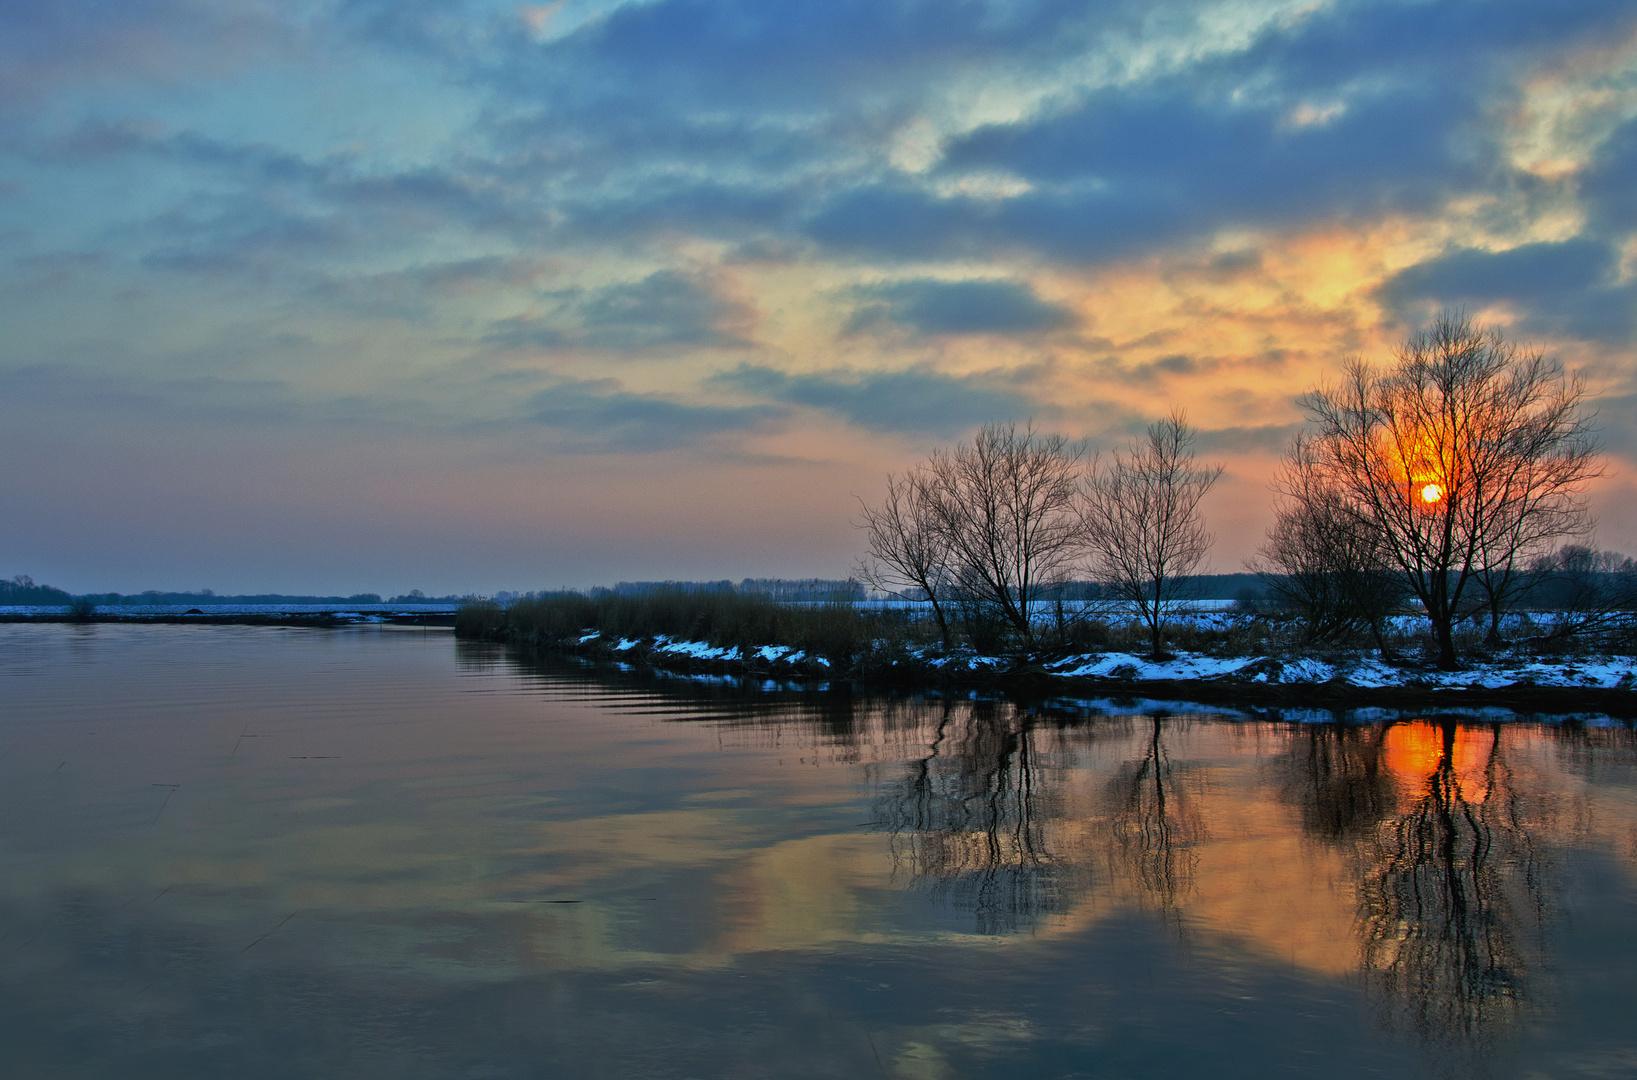 Februarabend an der Oste